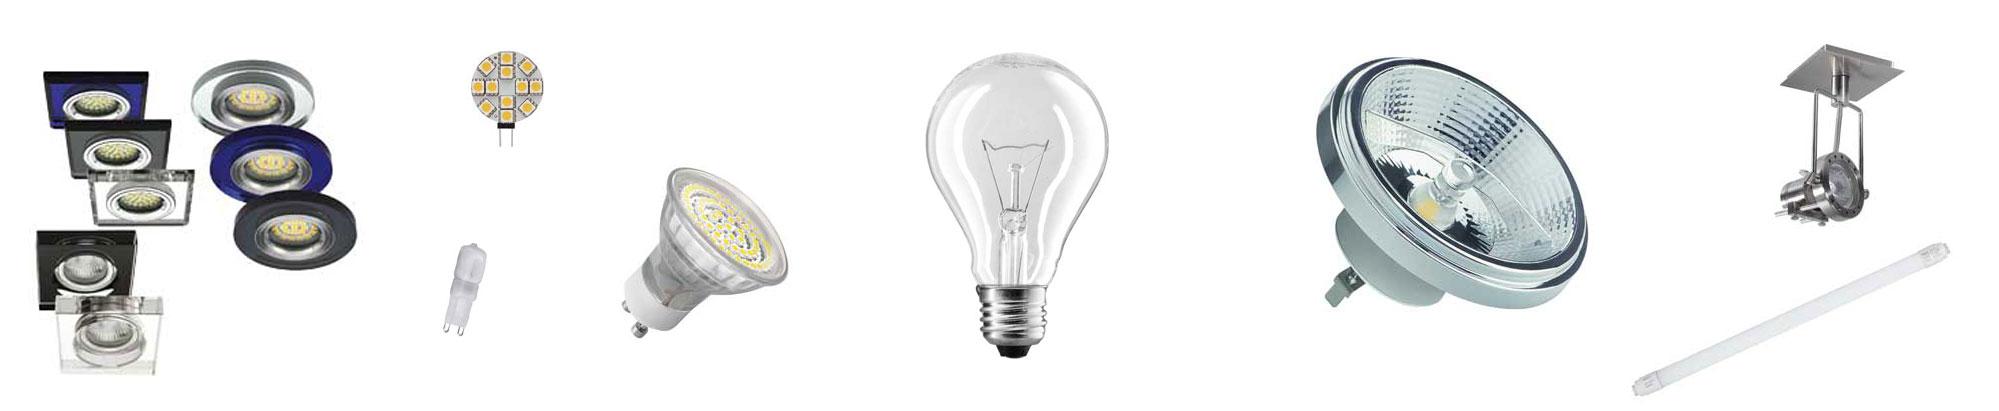 Leuchtmittel_lampen_leuchten